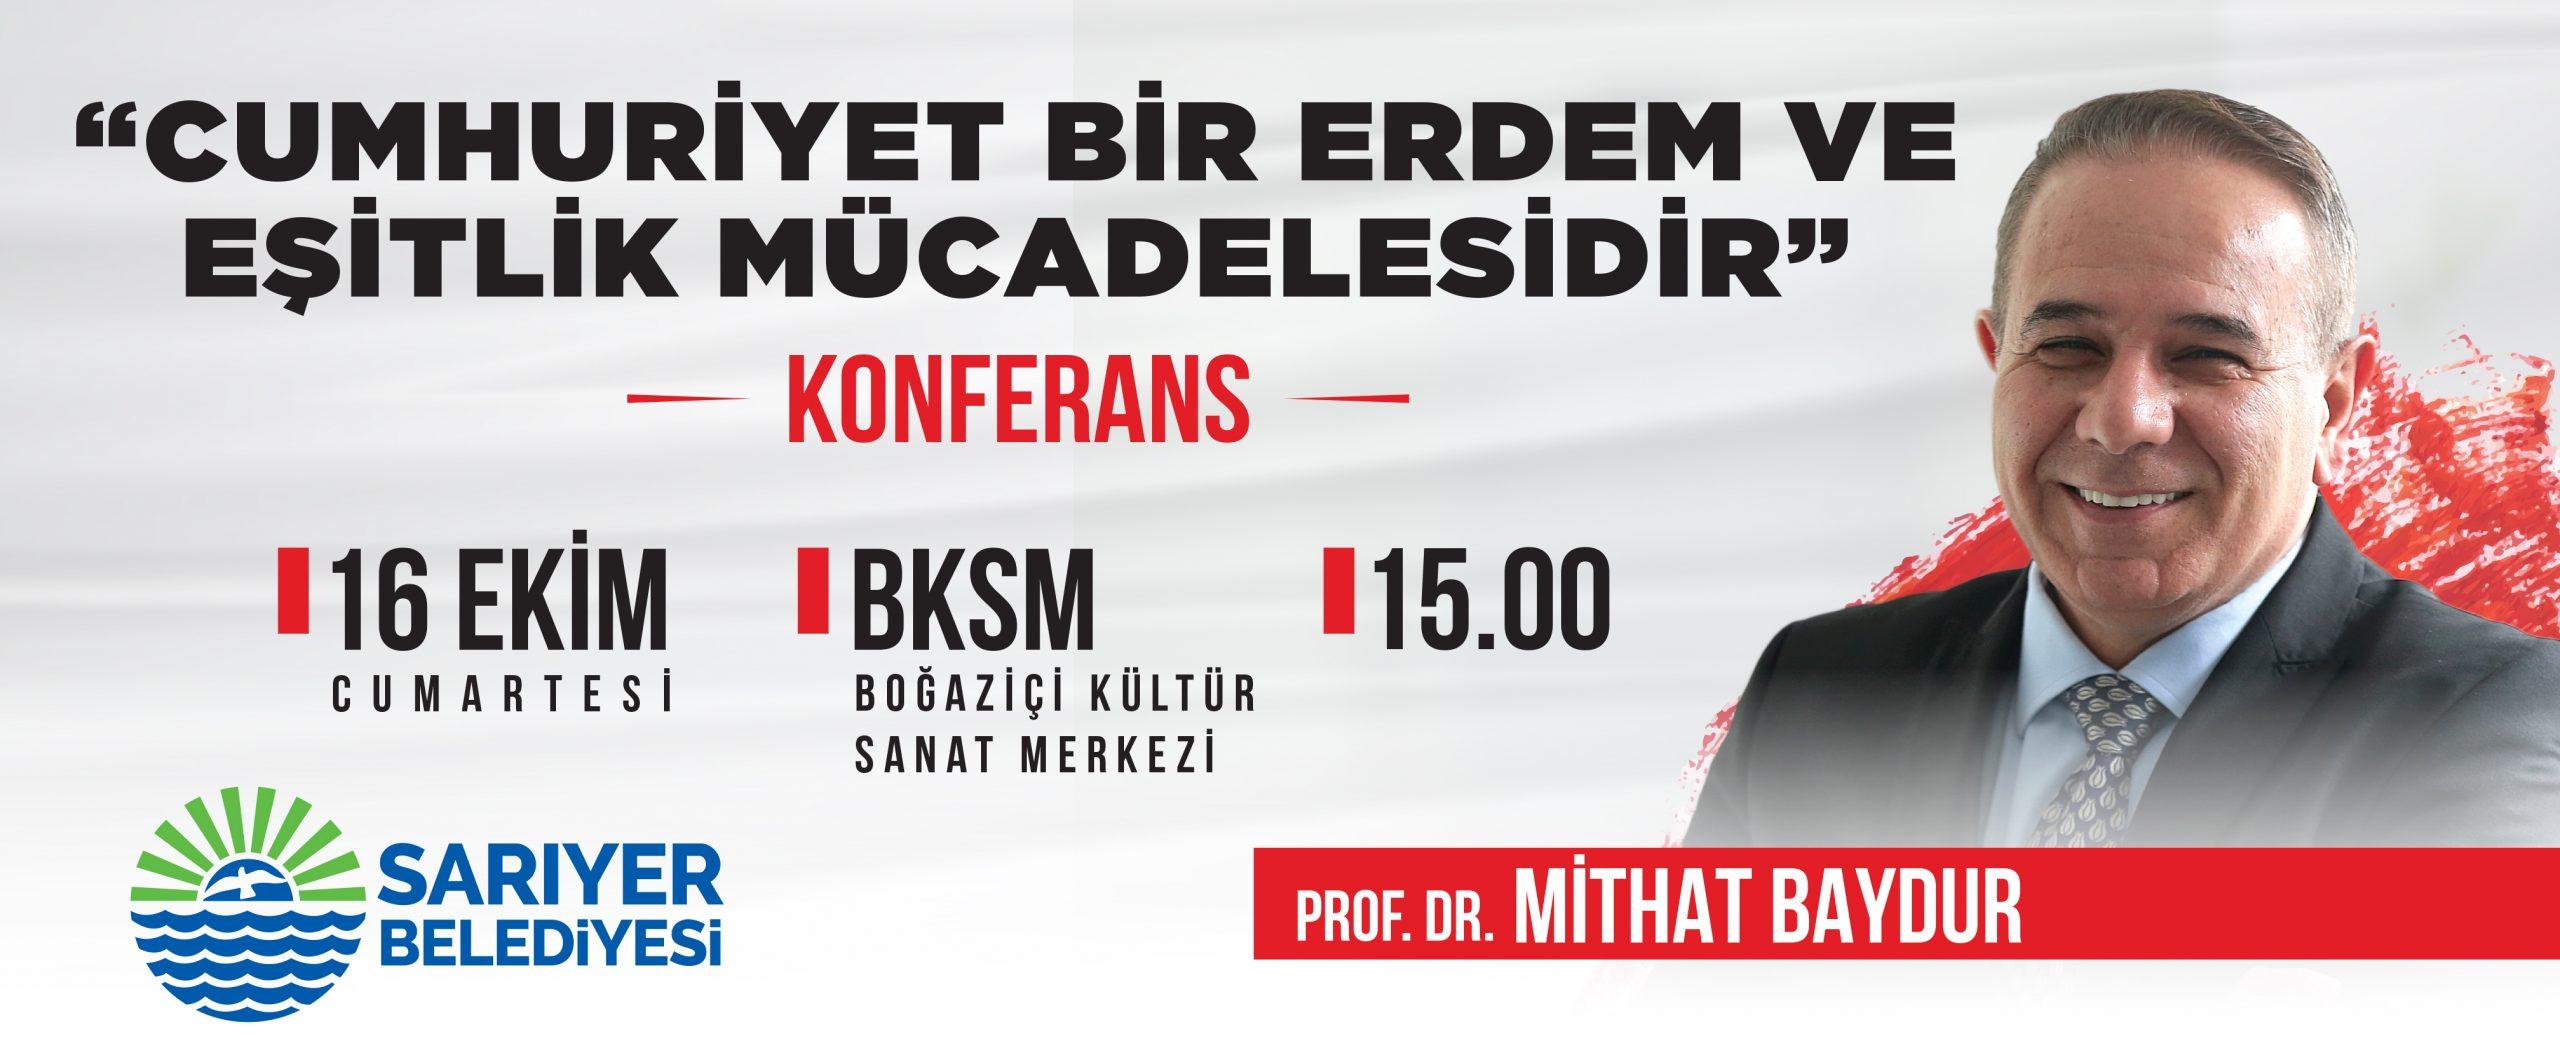 """Prof.Dr.Mithat Baydur """"CUMHURİYET BİR ERDEM VE EŞİTLİK MÜCADELESİDİR"""""""